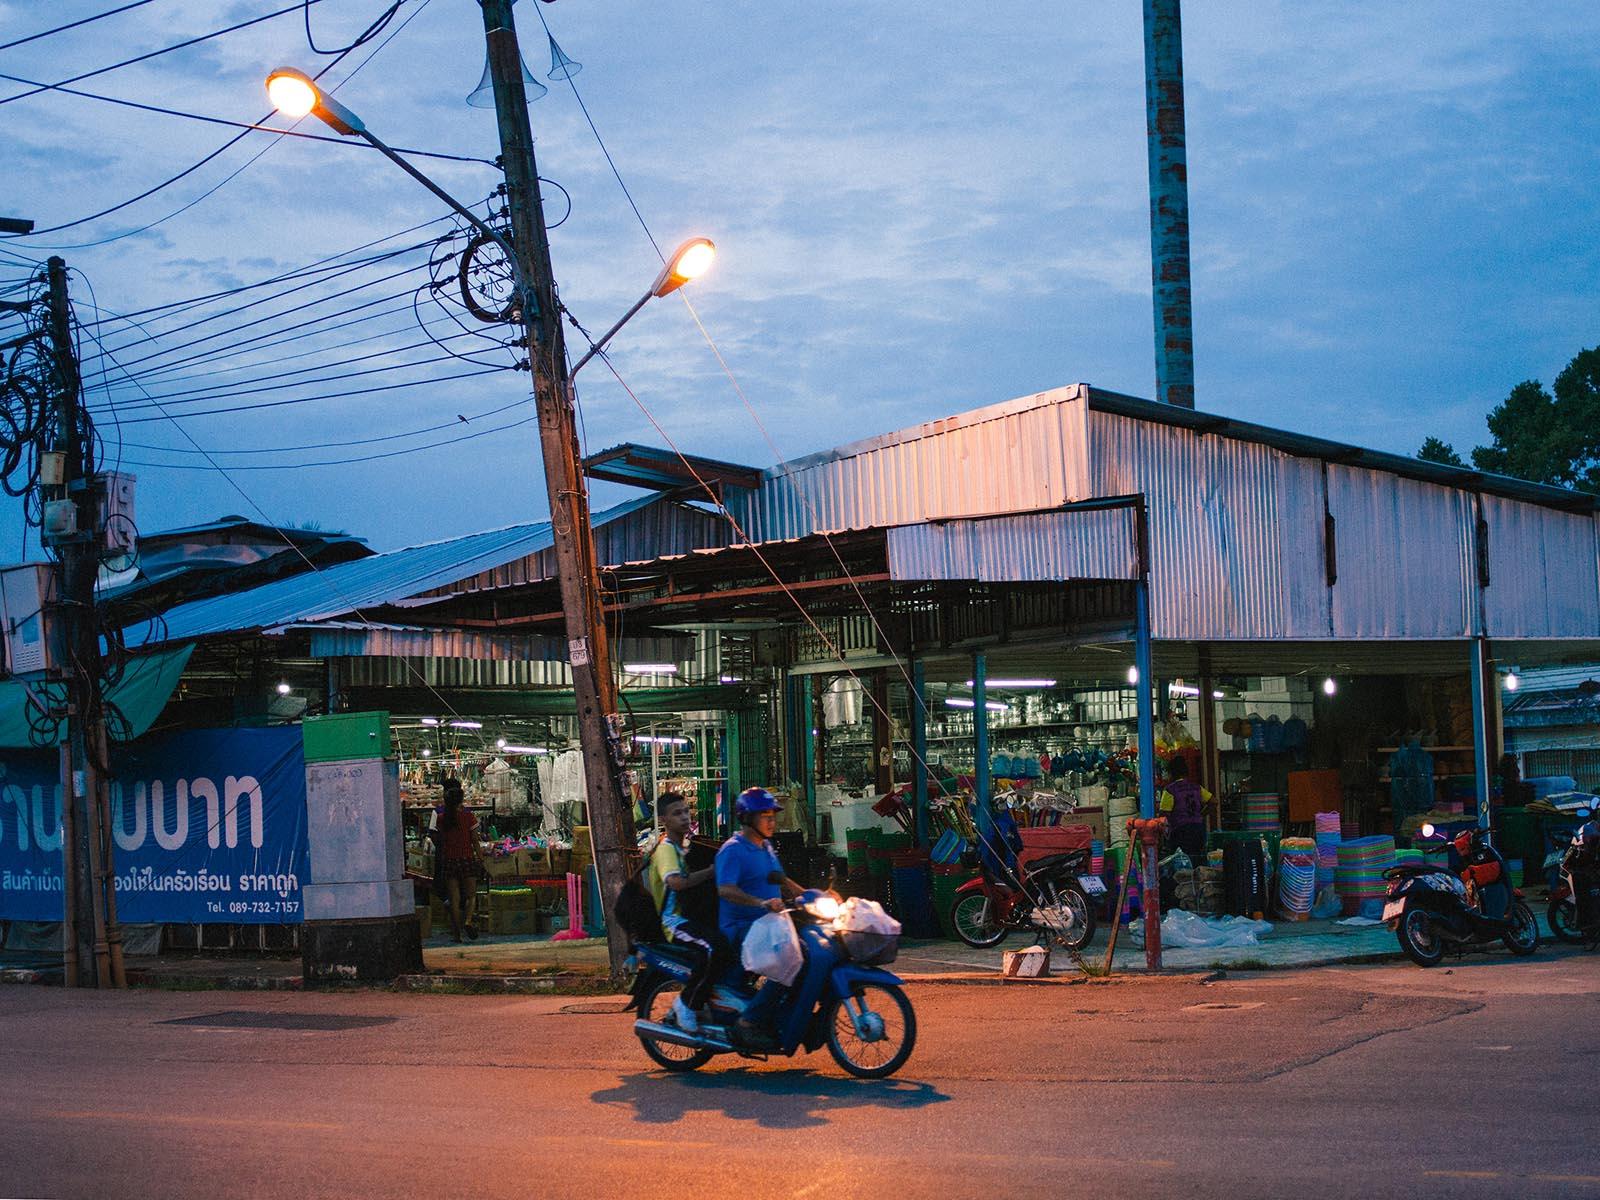 Trang, Thailand.